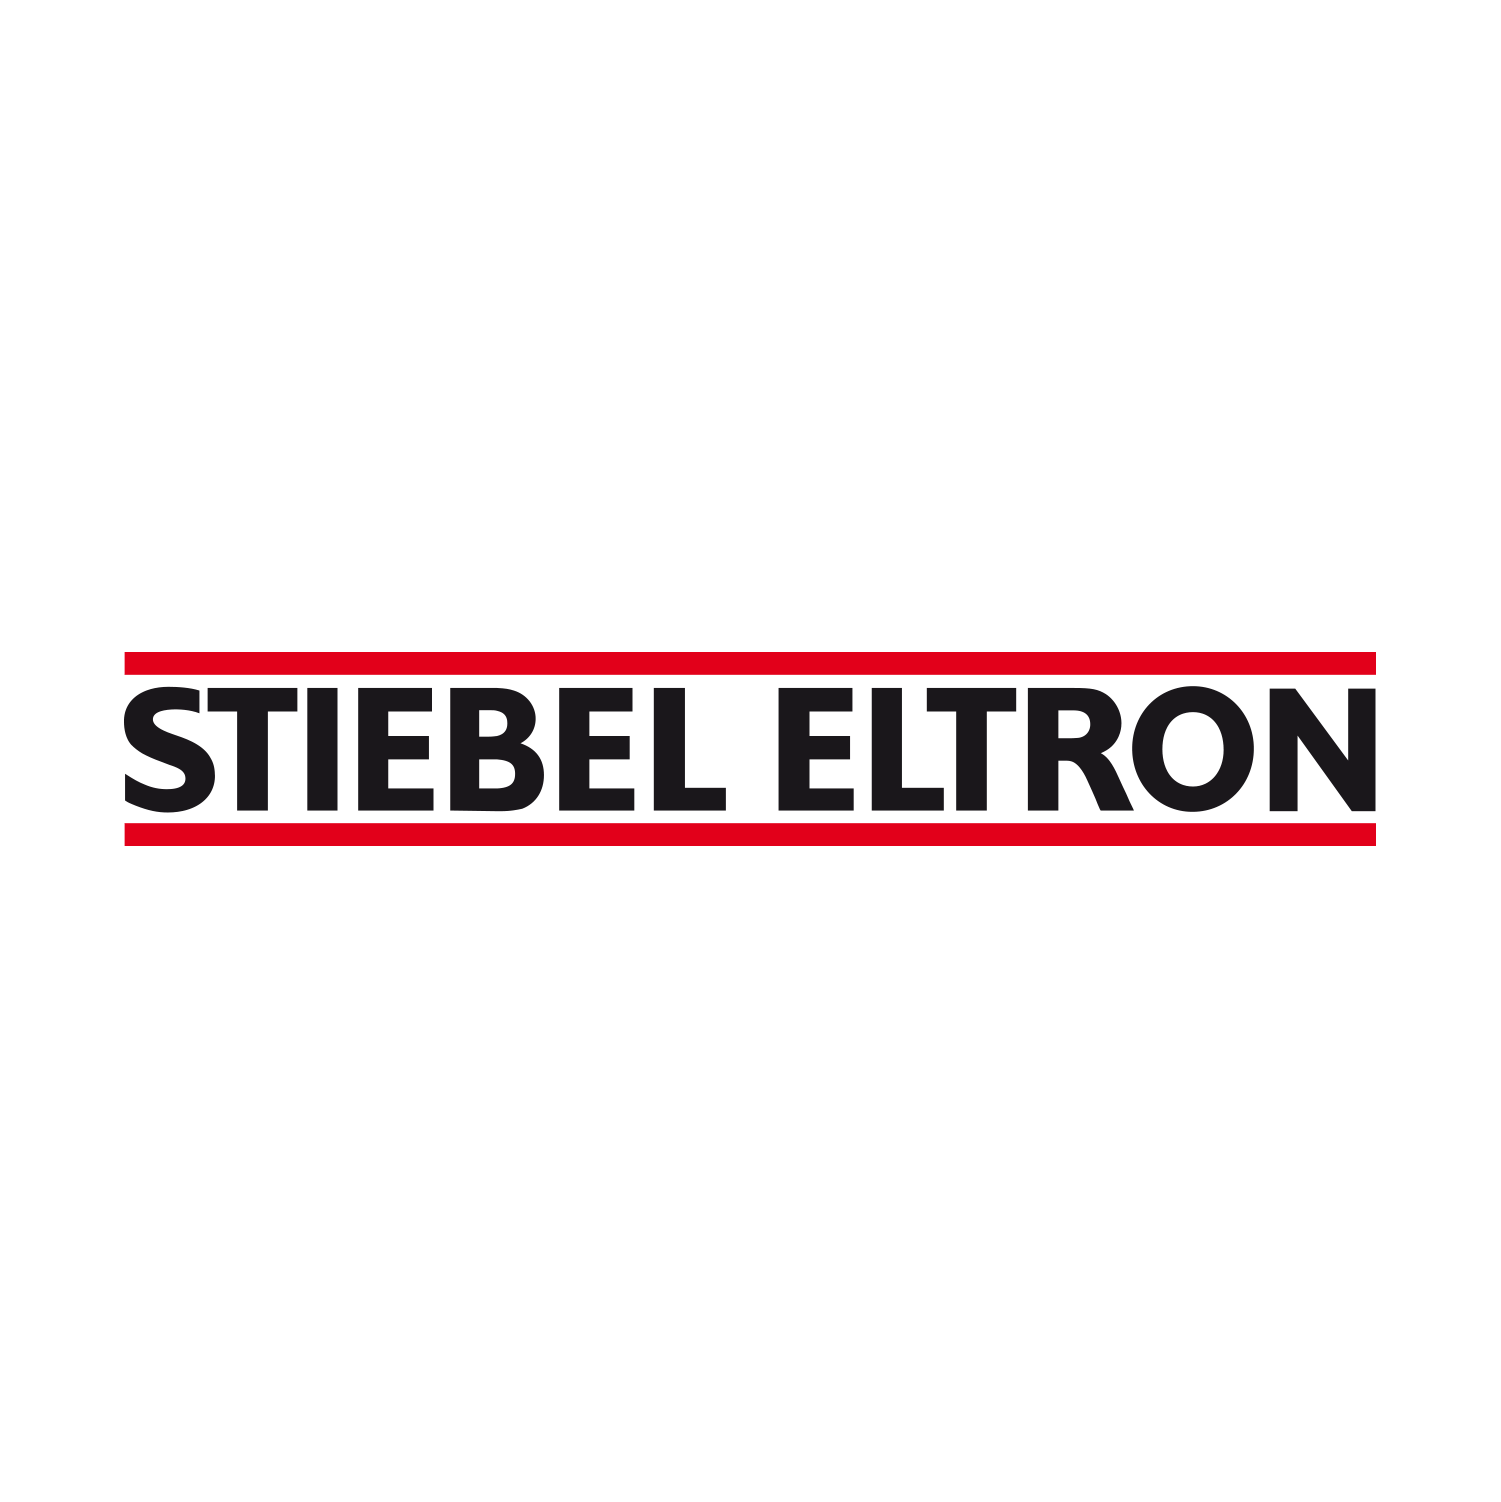 Stiebel_Eltron.png